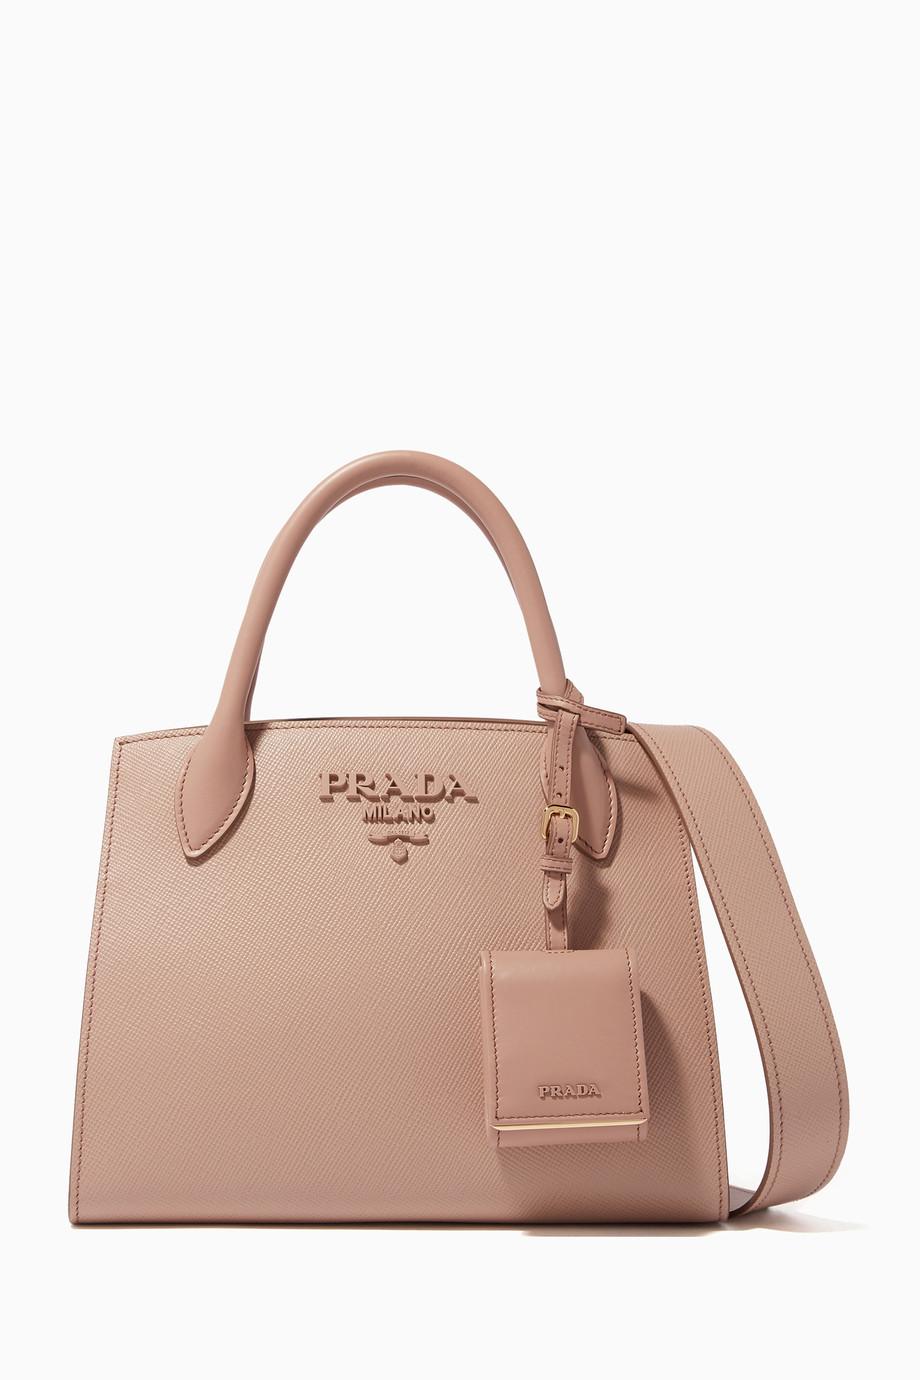 2a1c128eb98b Shop Prada Pink Rose Small Monochrome Tote Bag for Women | Ounass UAE